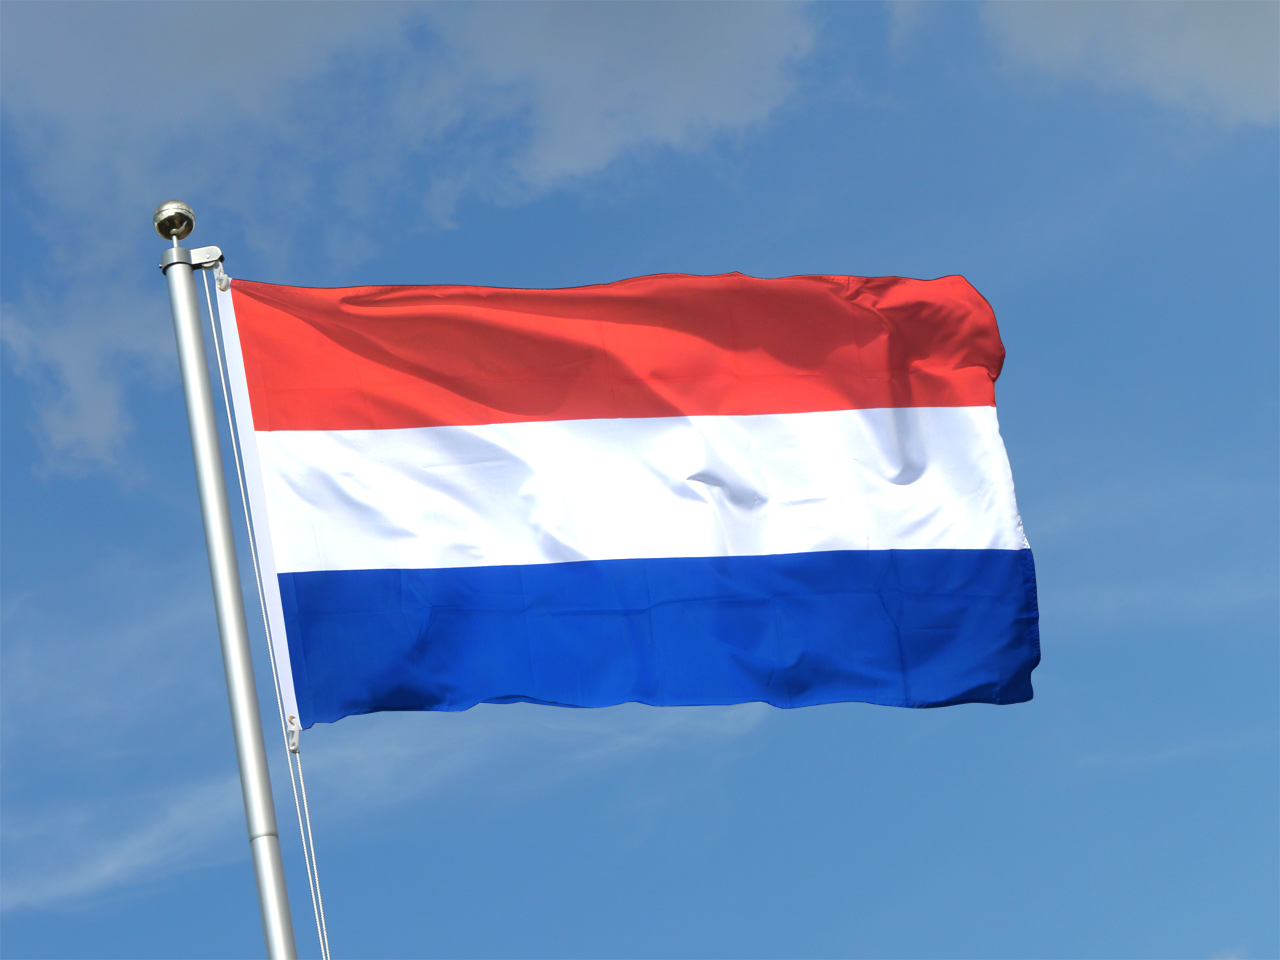 Niederländisch Flagge